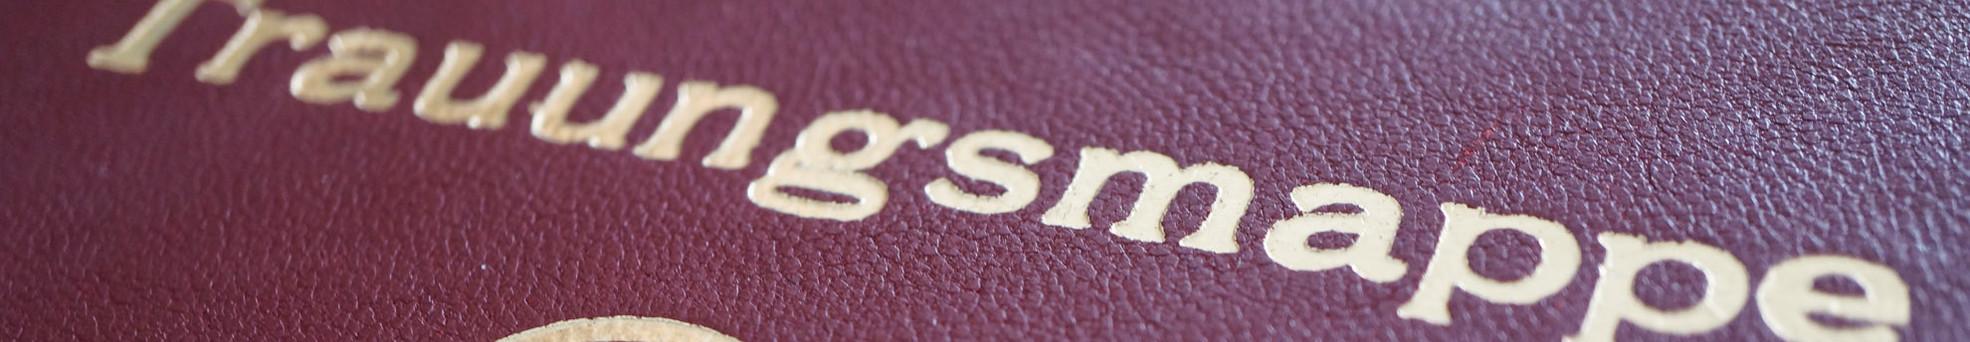 NEUSIEDL AM SEE: Standesamts- & Staatsbürgerschaftsverband